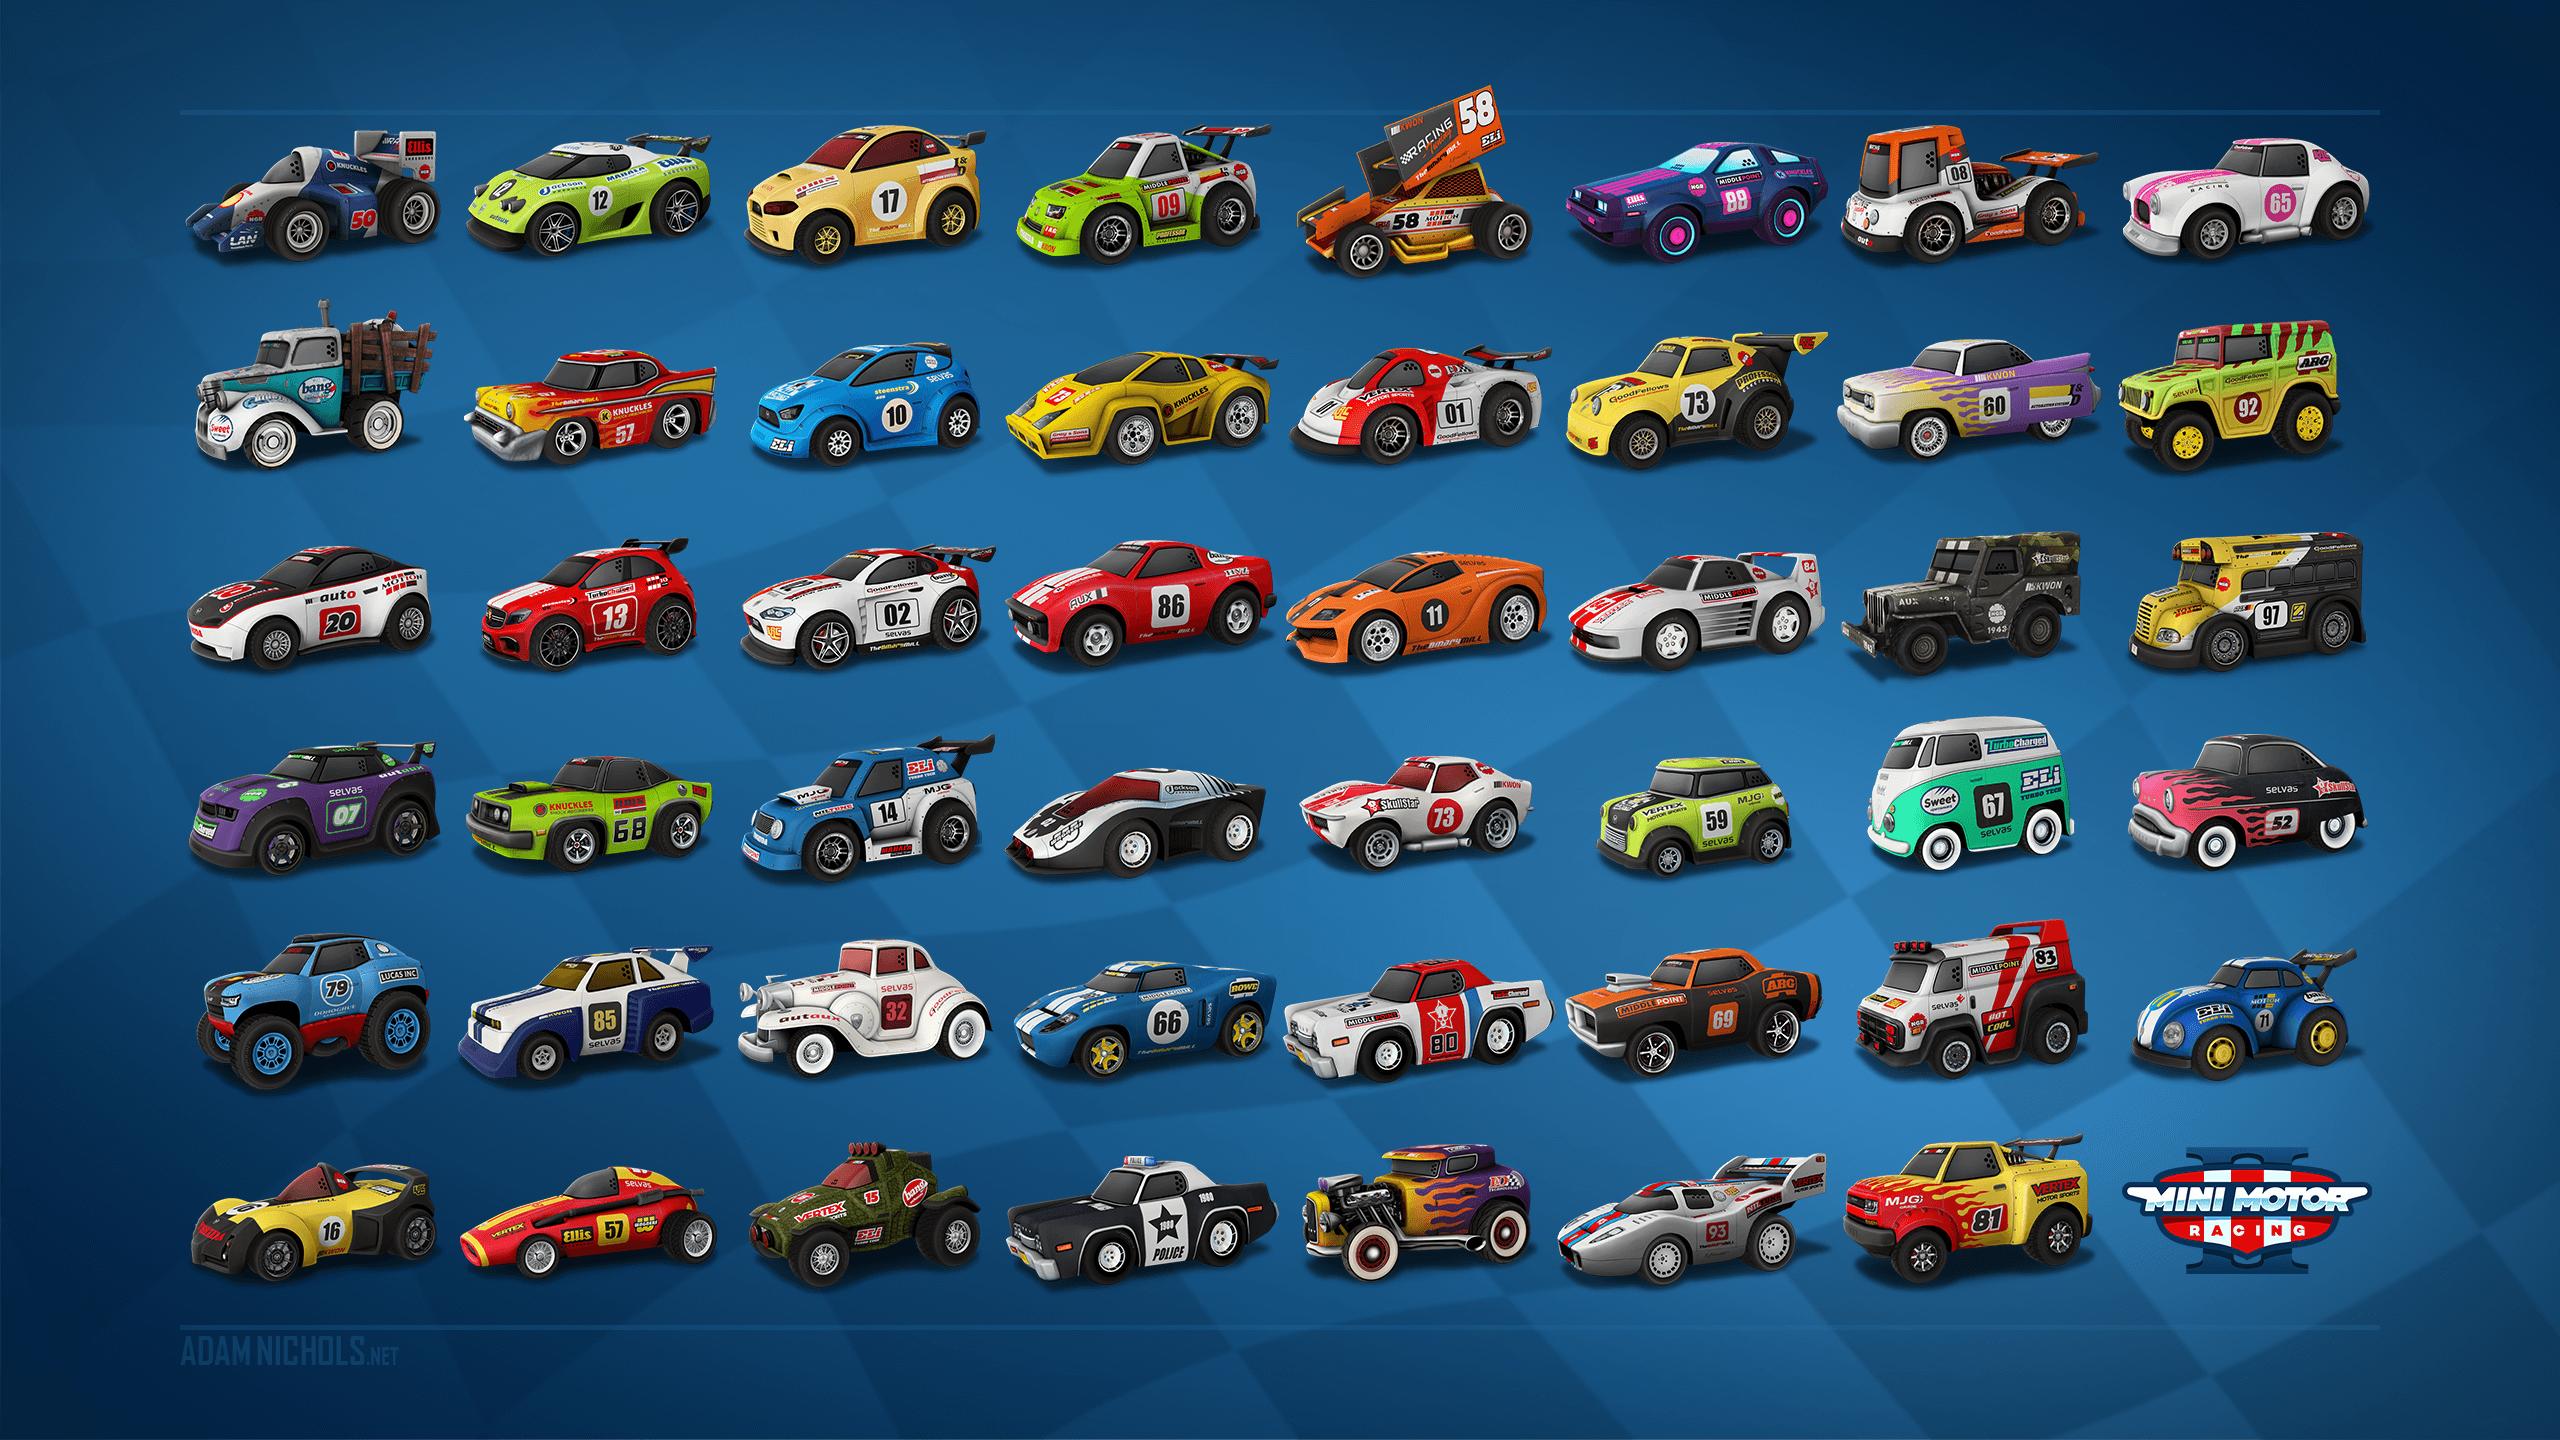 Mini Motor Racing 2 3D Vehicle Car Models